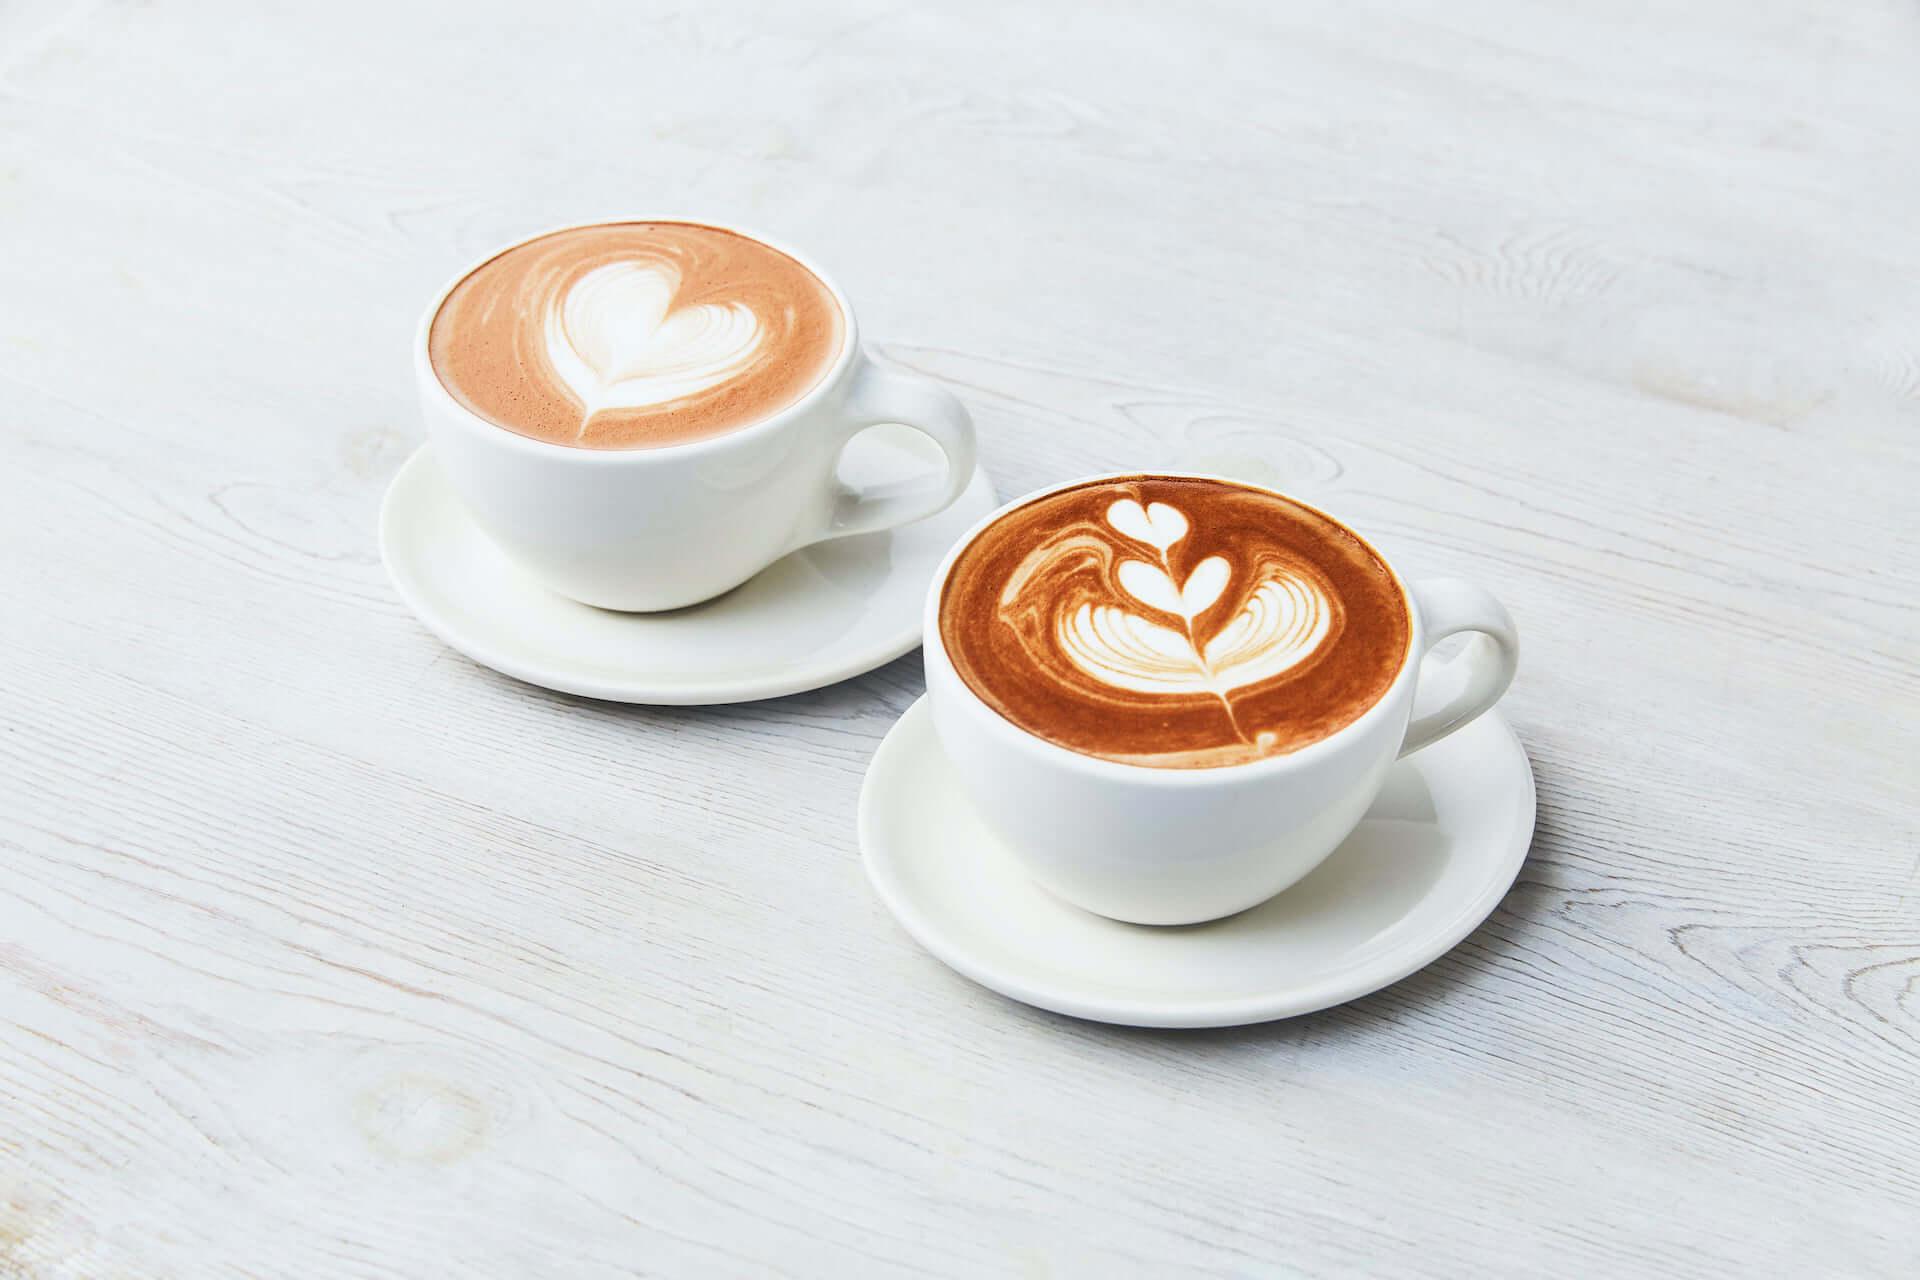 ブルーボトルコーヒーとショコルがコラボ!シングルオリジンカカオを使用したドリンク&チョコレートが数量限定で登場 gourmet210125_bluebottlecoffee_4-1920x1280